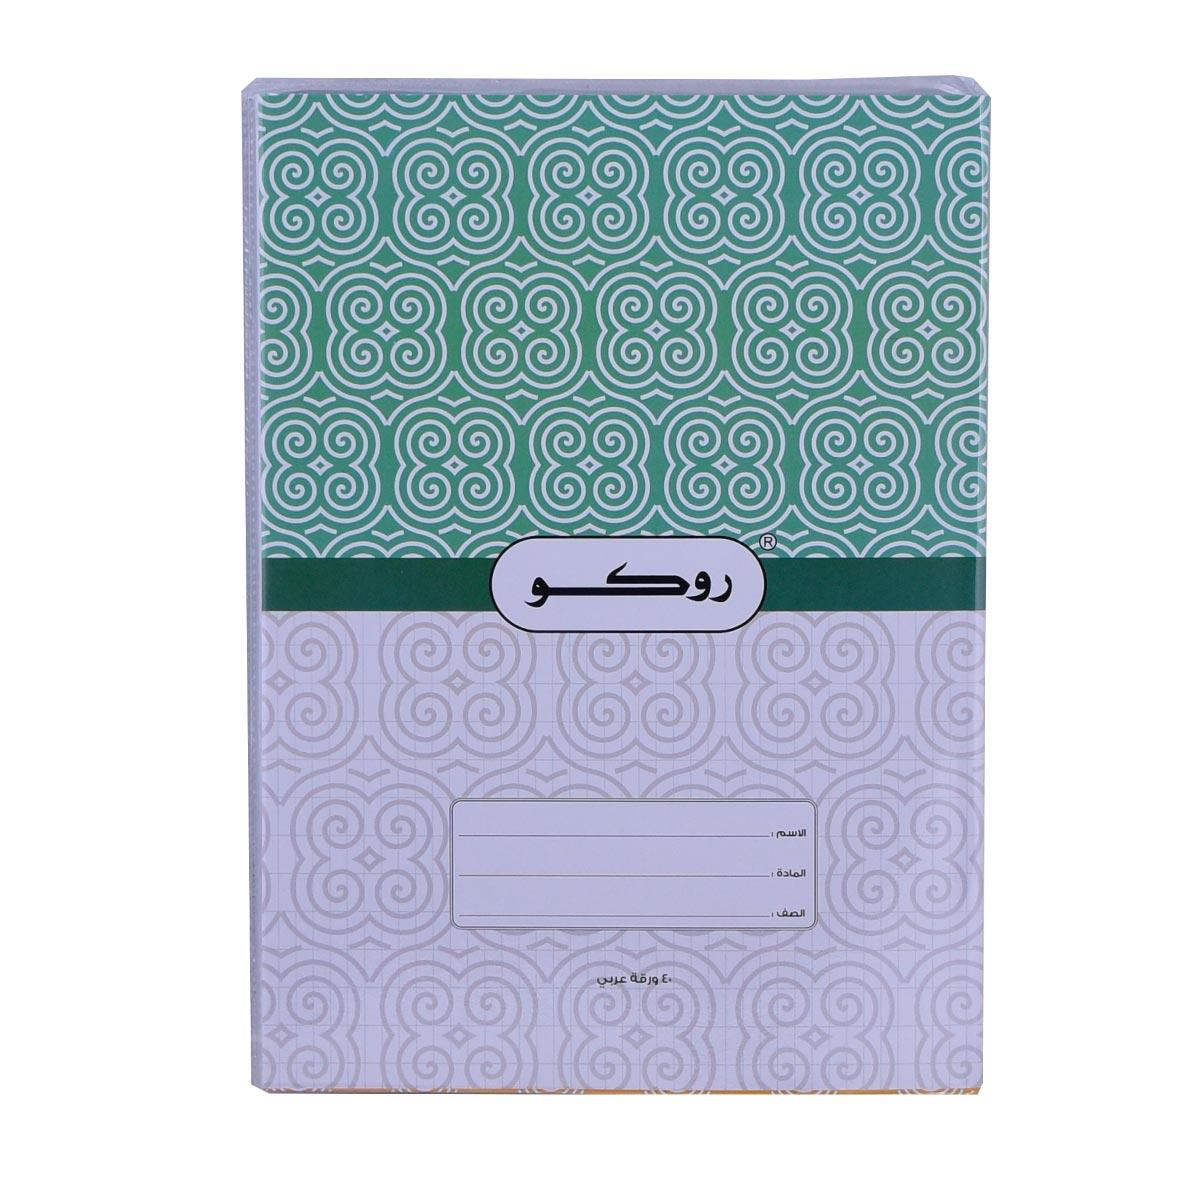 دفتر مدرسي عربي روكو مجلد غلاف باشكال متعددة  -  40 ورقة - اندونيسي